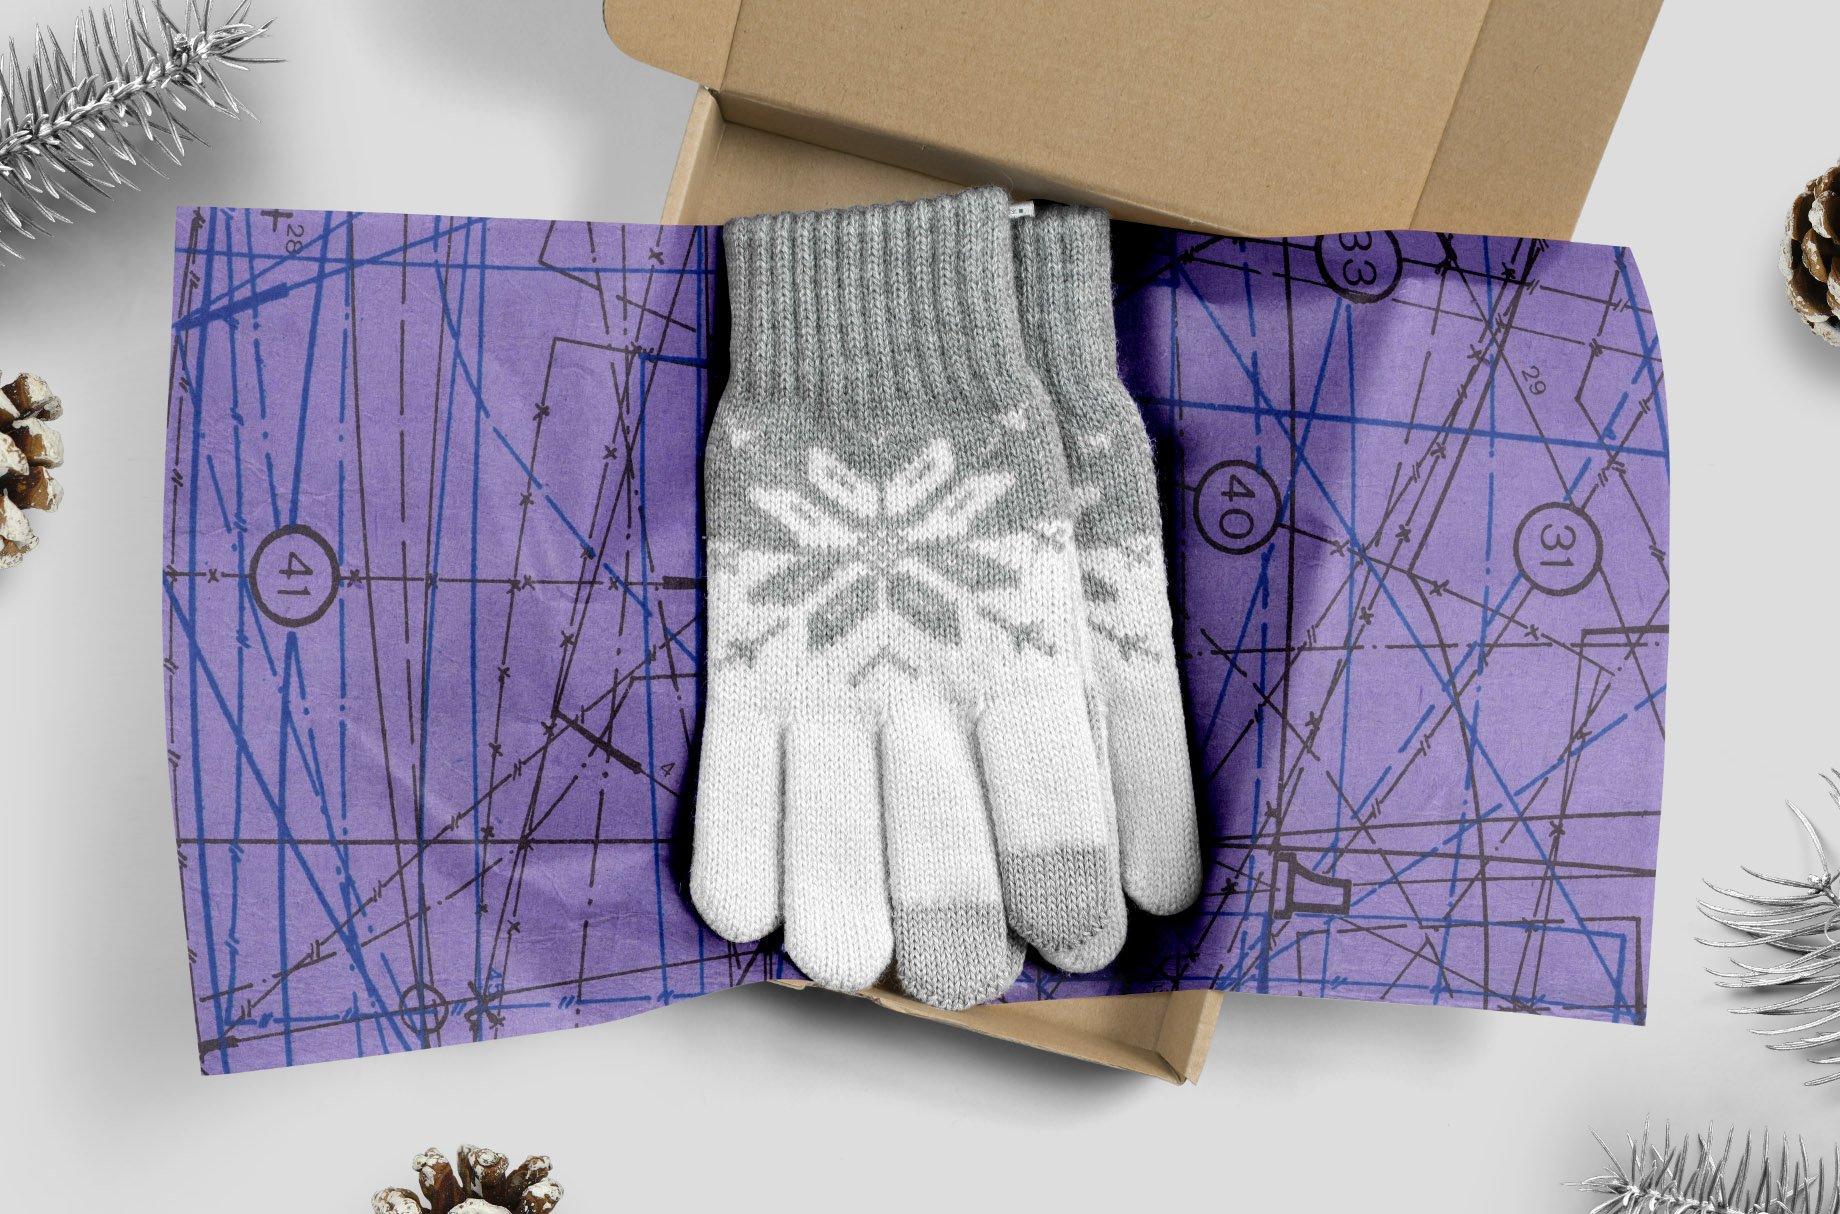 [单独购买] 60款潮流做旧粗糙图纸纹理海报设计背景底纹图片素材 Fabric Blueprint Textures插图6